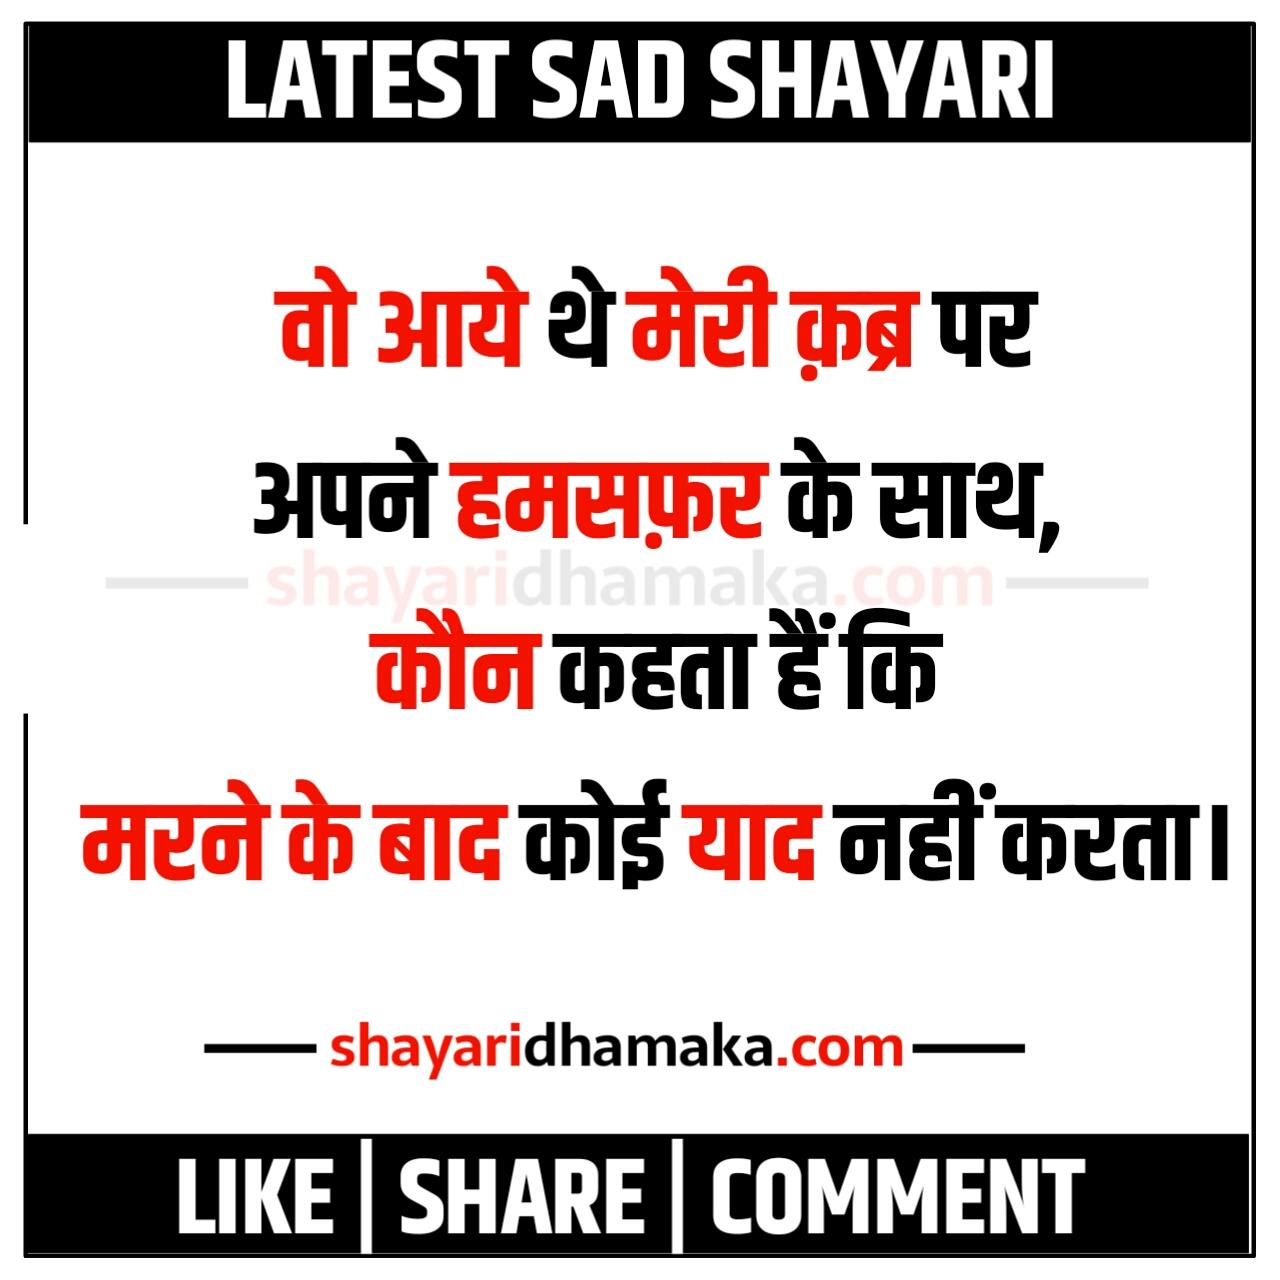 ना दिल होता ना दिल रोता - Latest Sad Shayari